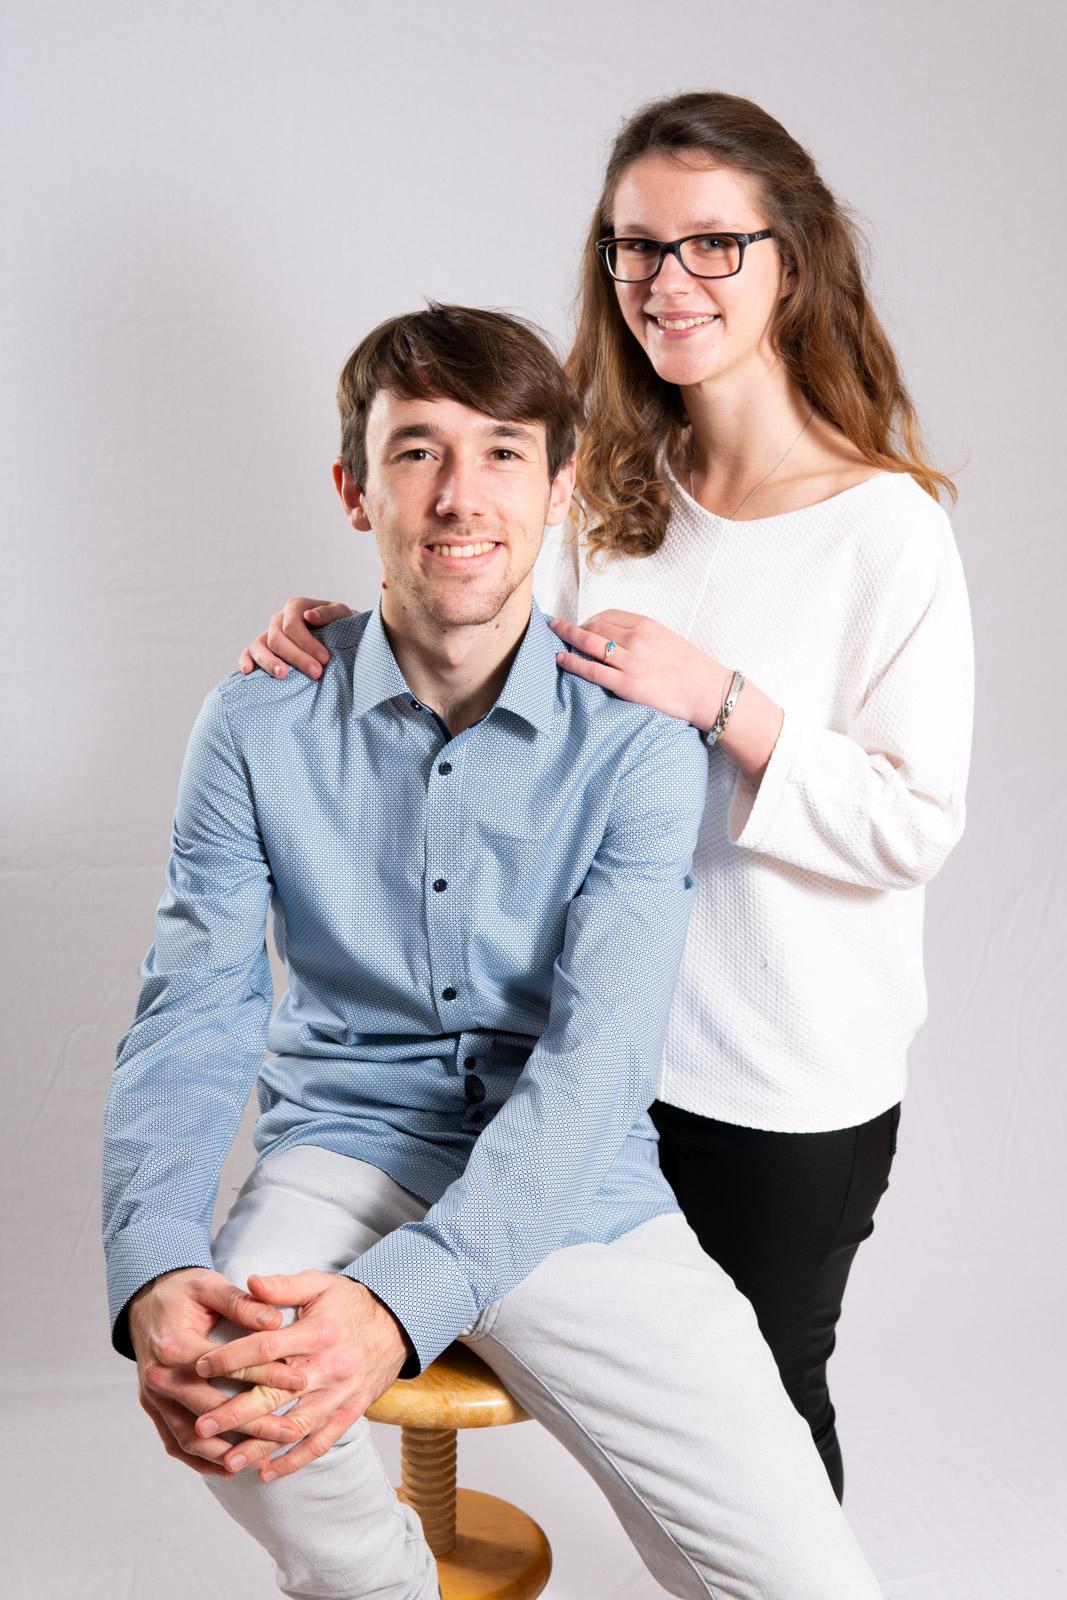 Junger Mann in blauem Hemd sitzt auf Stuhl neben junger stehender Frau, die sich an ihn lehnt